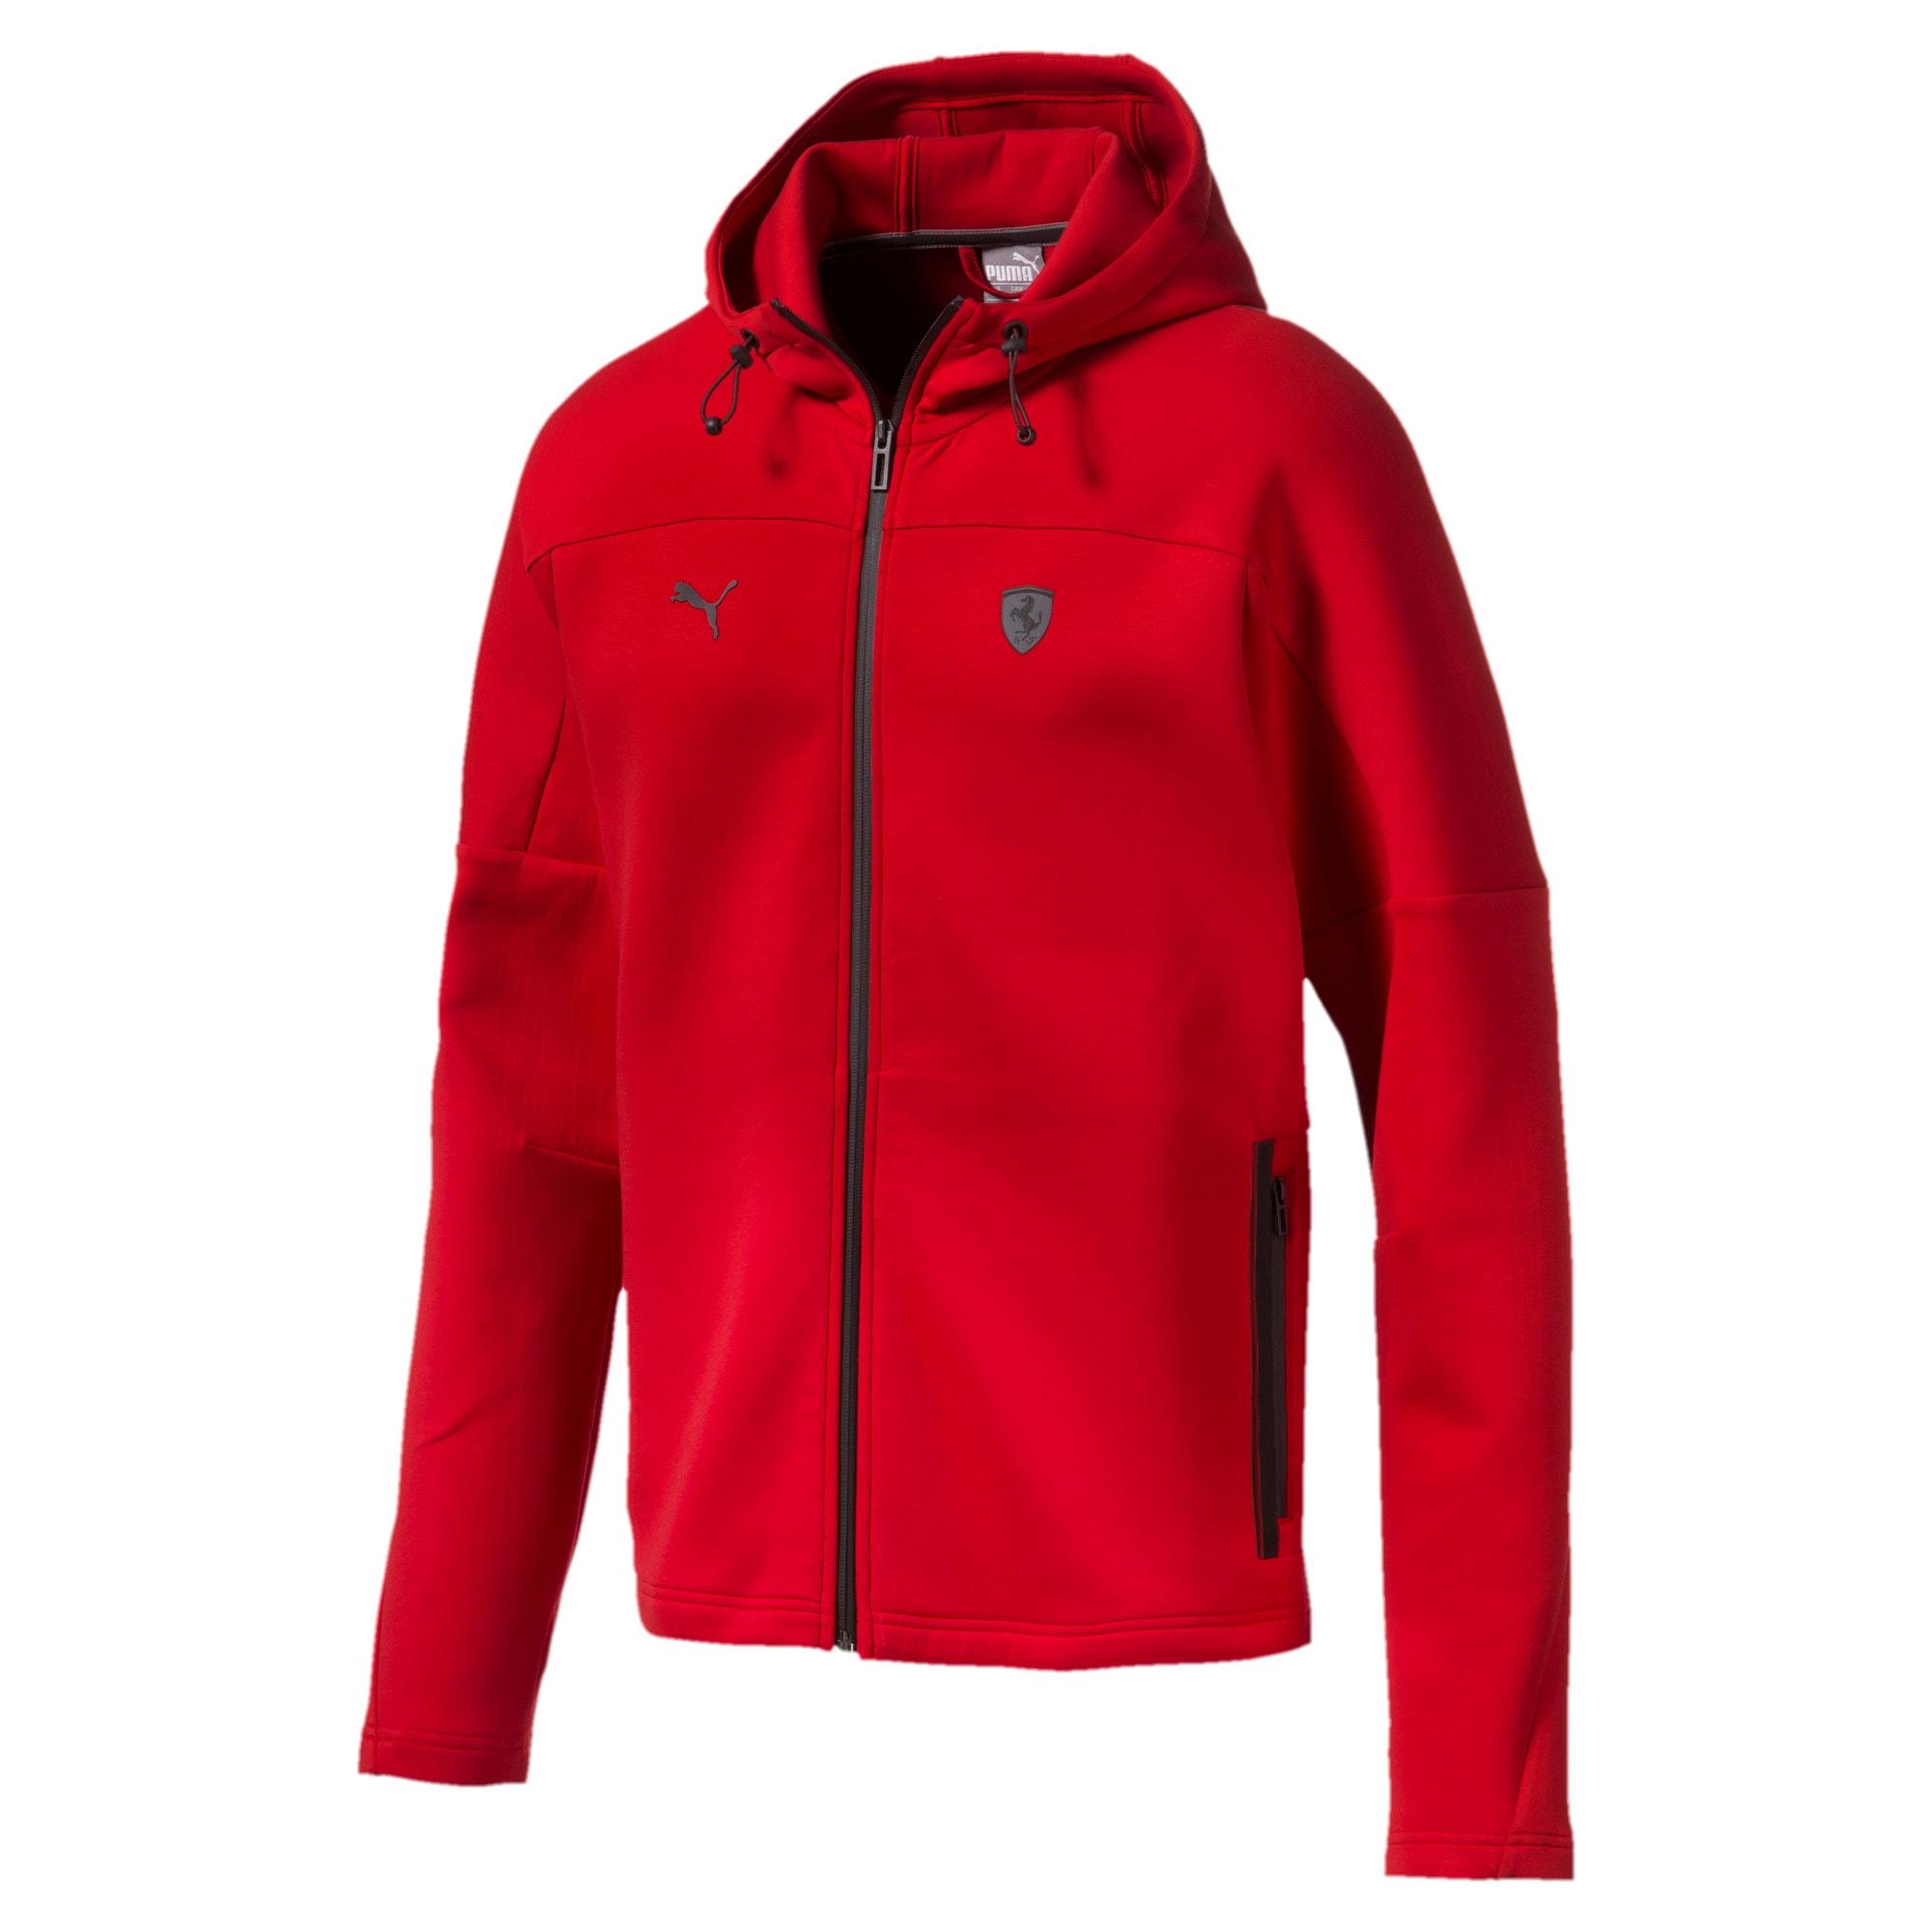 Miniatura 1 de Chaqueta deportiva Ferraricon capucha, para hombre, Rosso Corsa, mediano